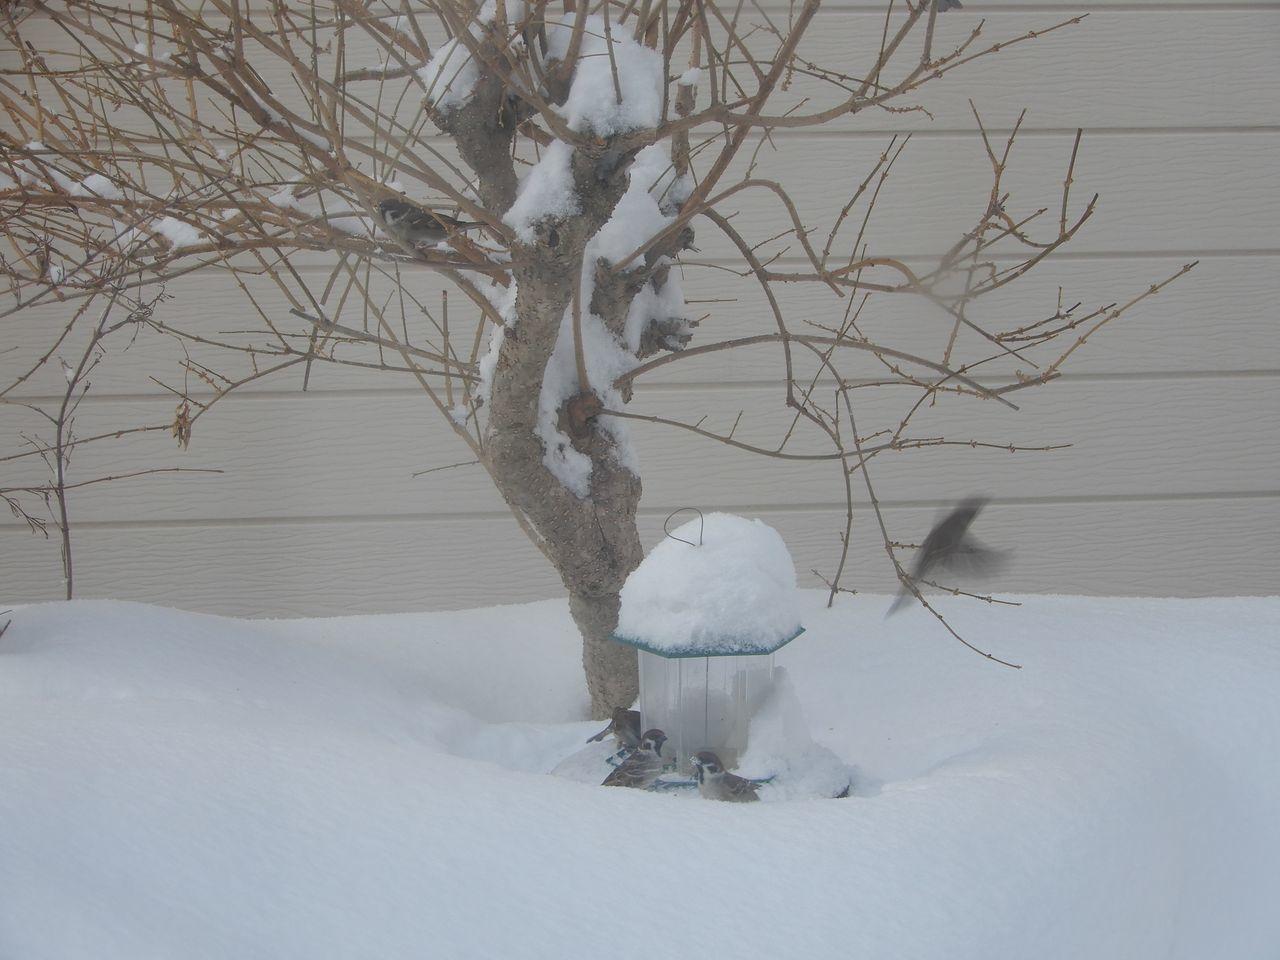 必死で雪を掘って餌を探すスズメ_c0025115_22071516.jpg